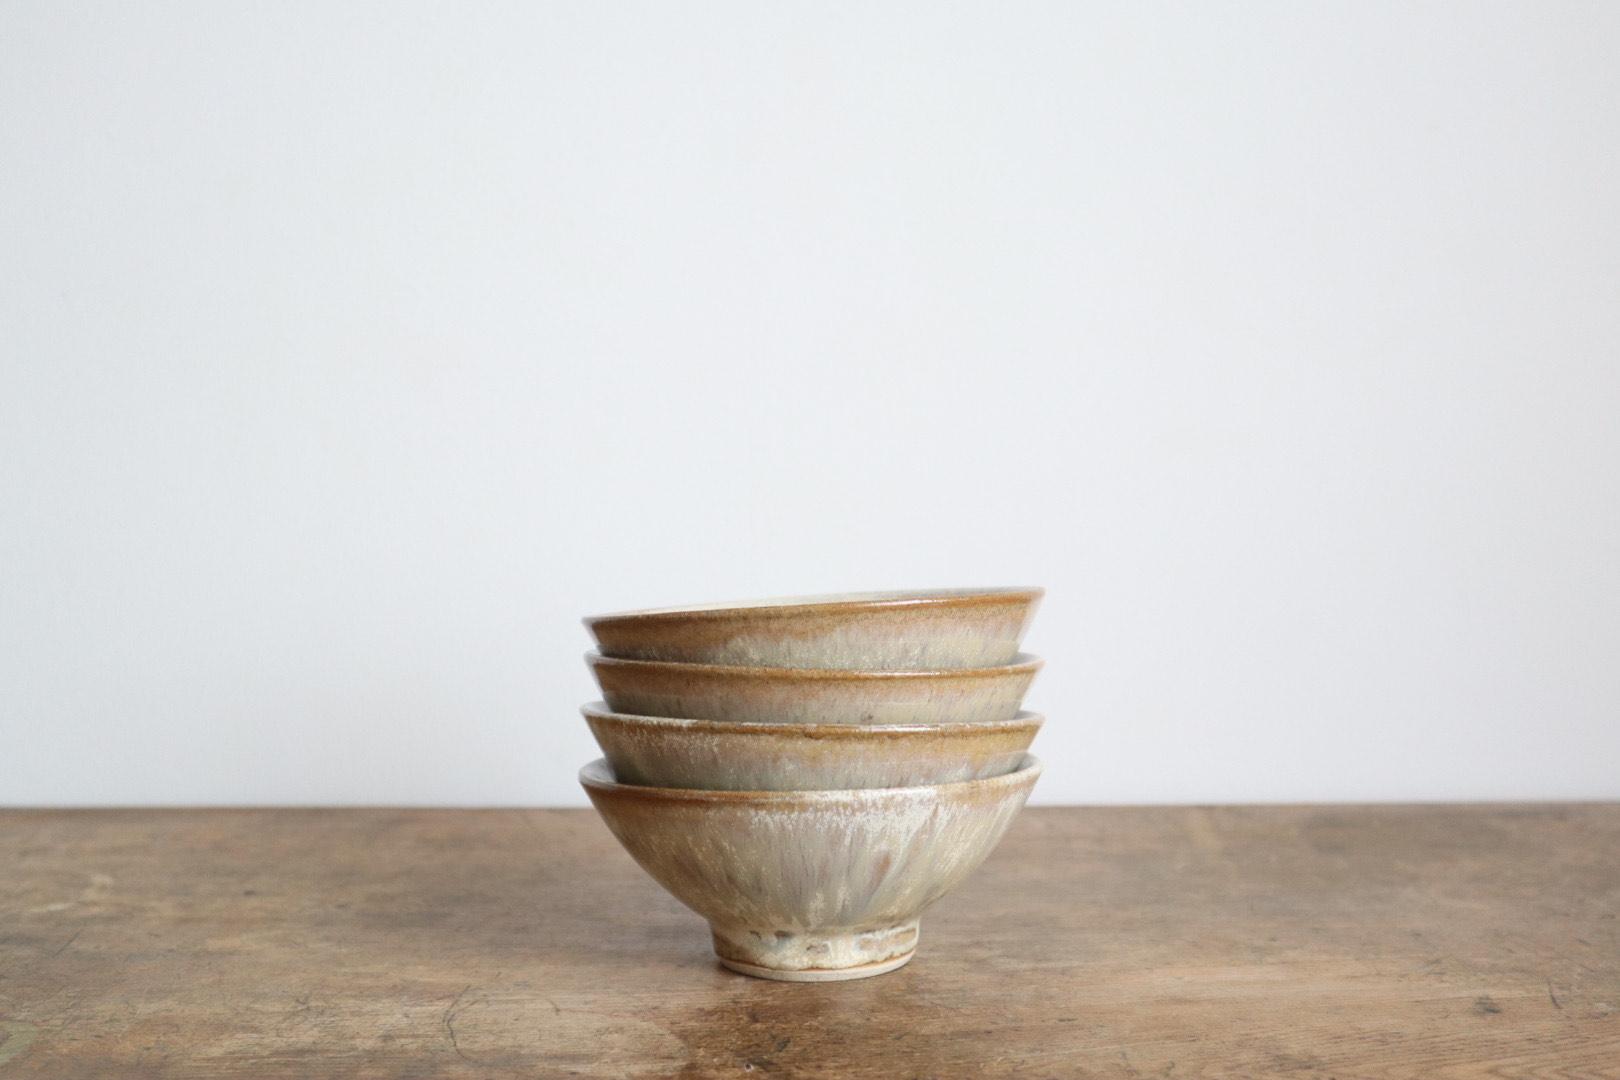 ネギシ製陶さんの作品が新入荷します